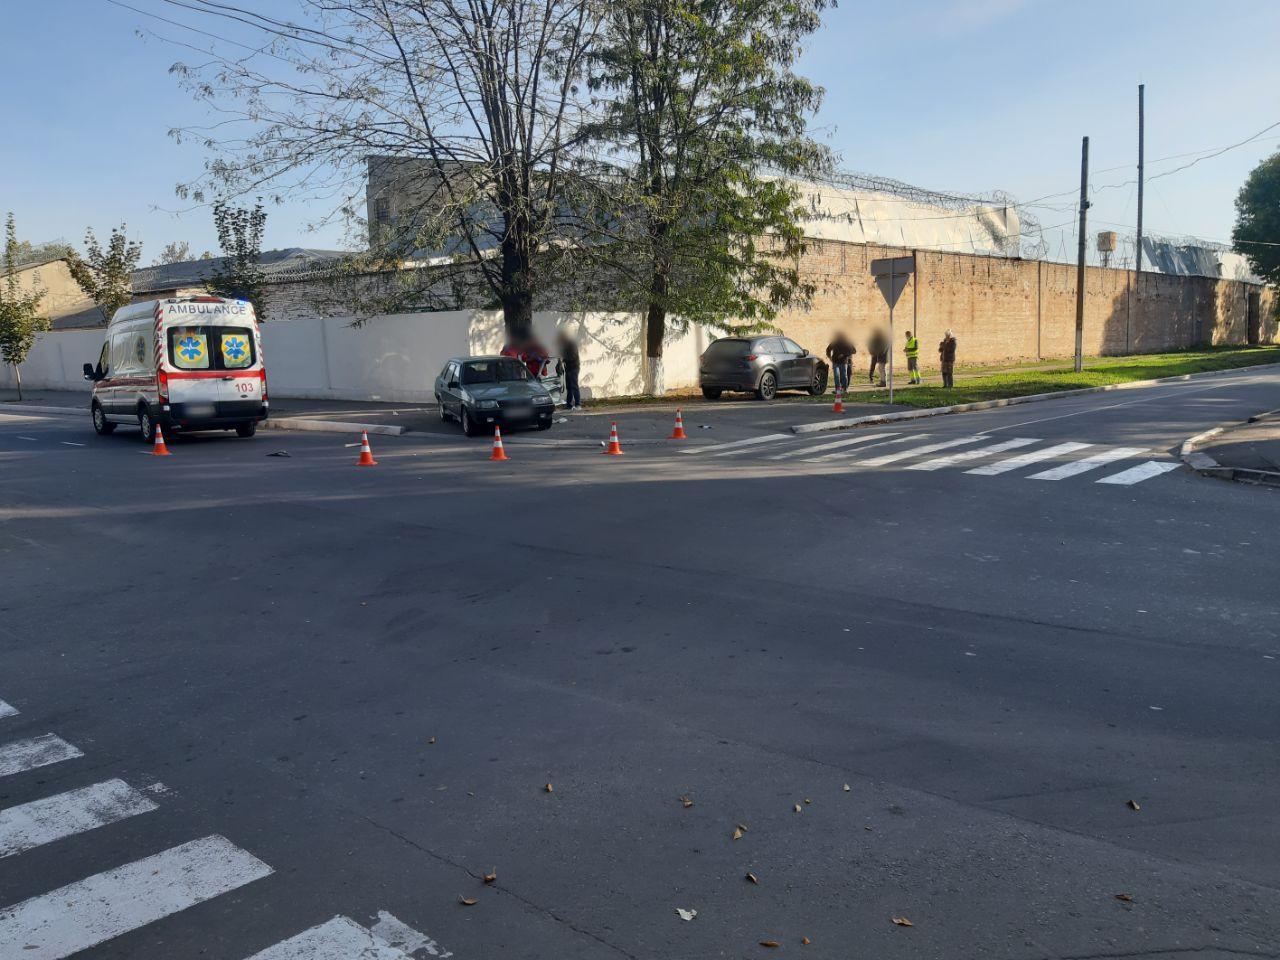 Второе ДТП в одном и том же месте за два дня: в центре Измаила произошла очередная авария с пострадавшими